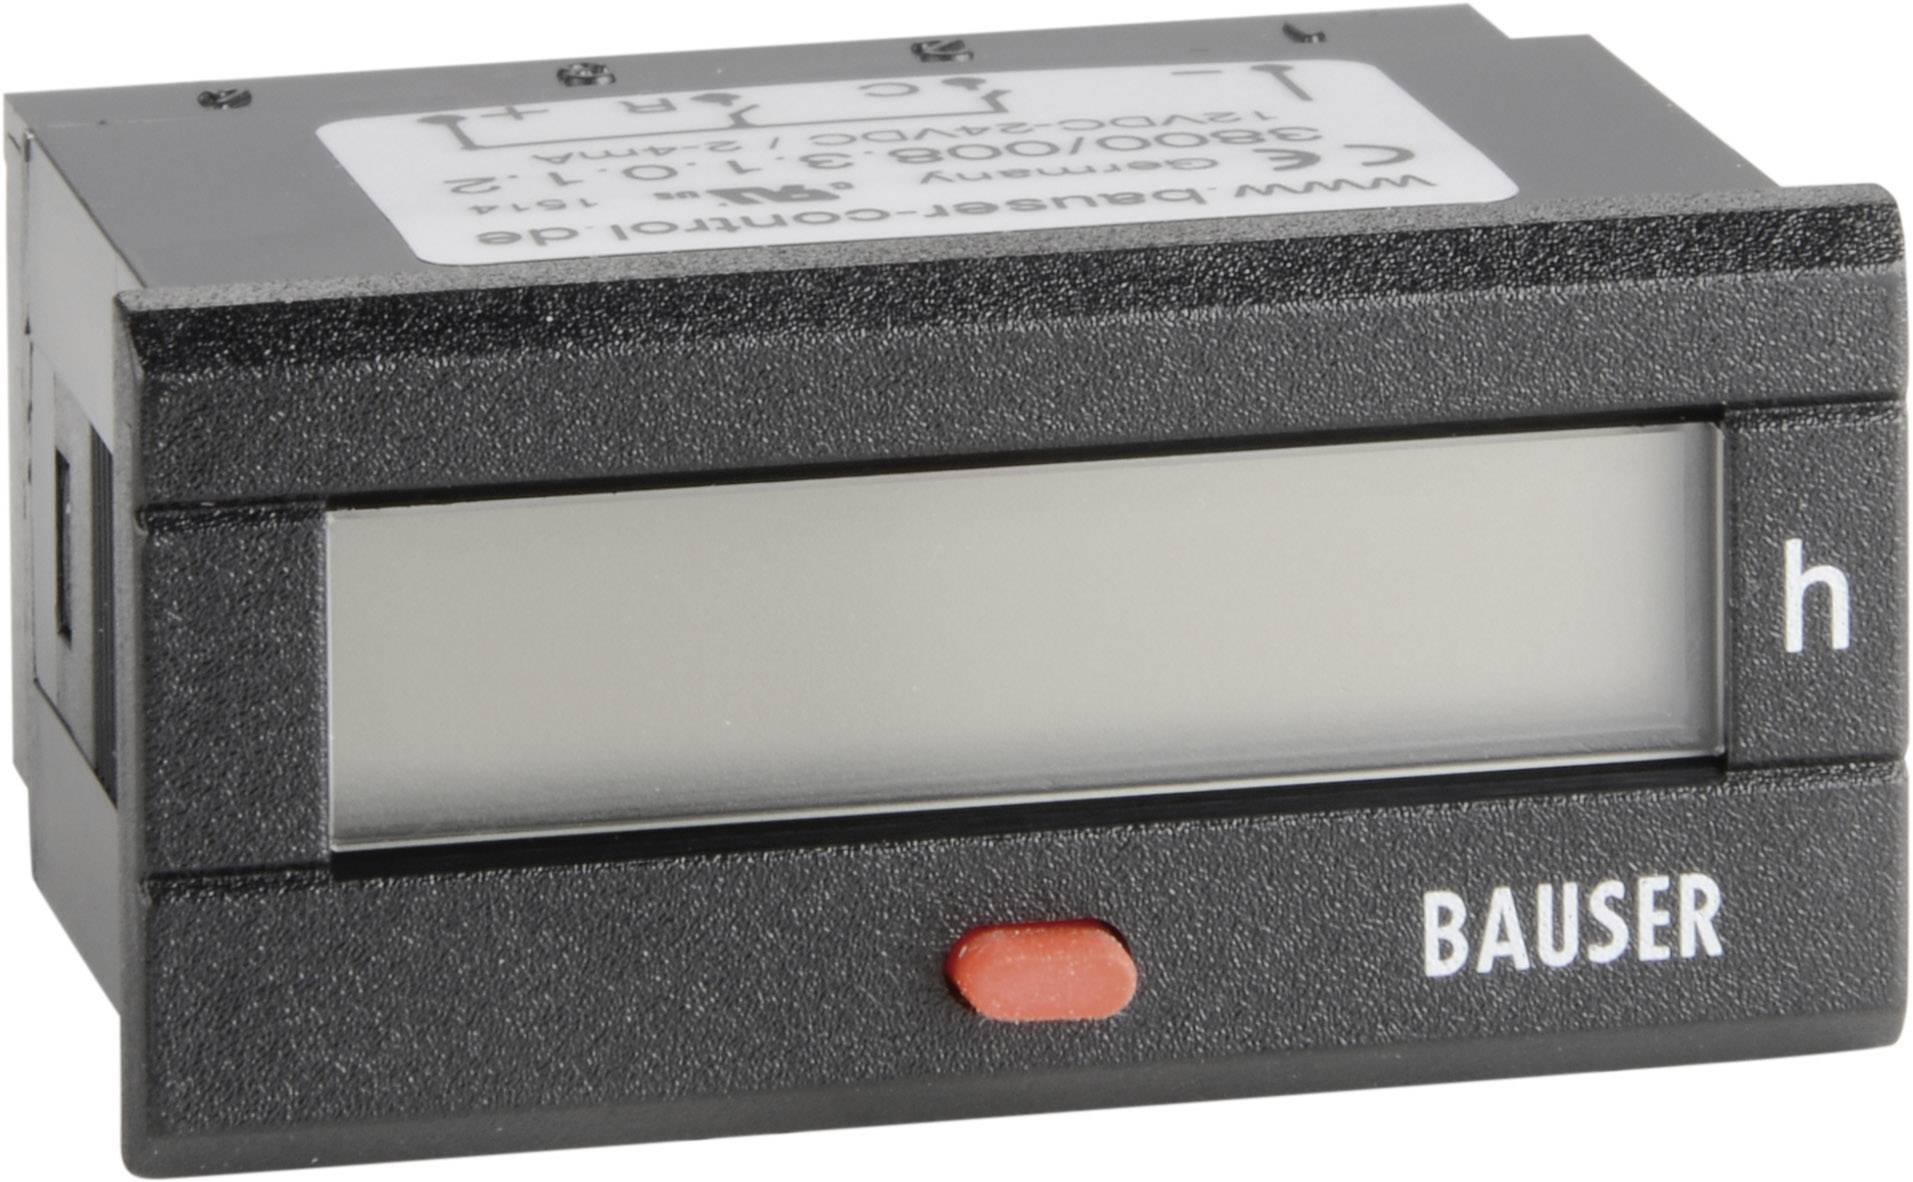 Počítadlo provozních hodin Bauser, 3800.3.1.0.1.2 DC, 12- 24 VDC, 45 x 22 mm, IP54